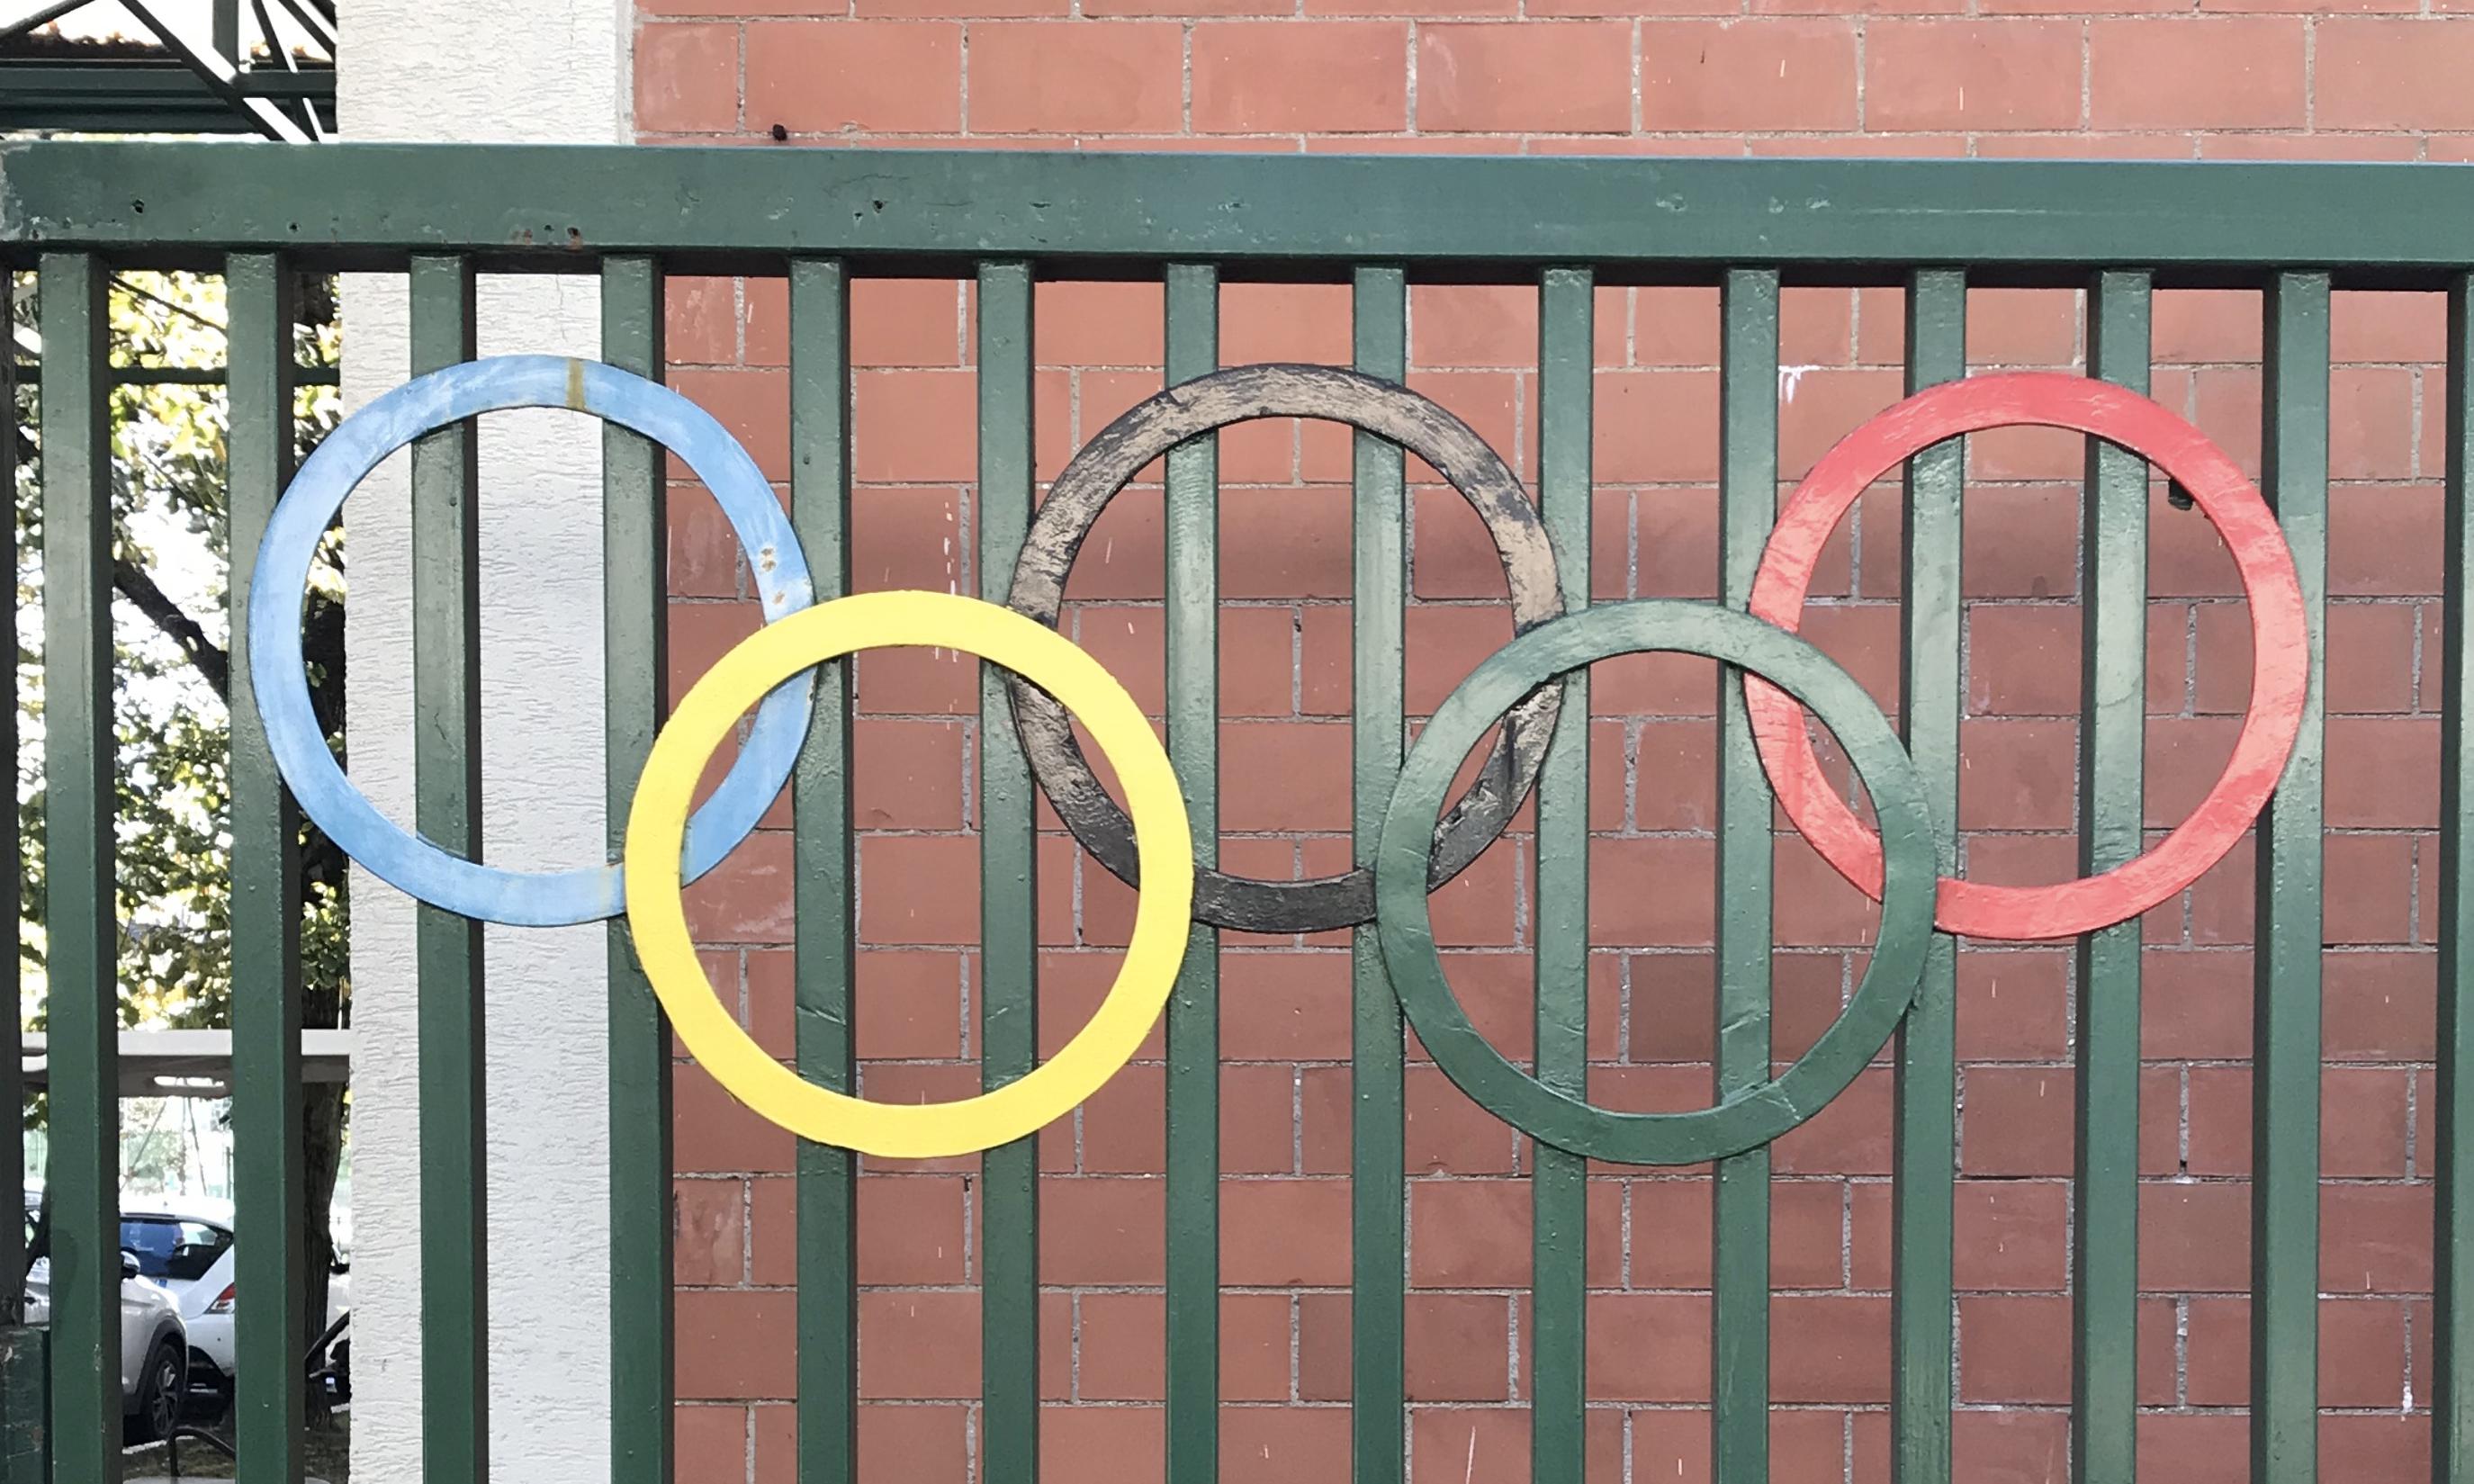 dieta degli atleti olimpici